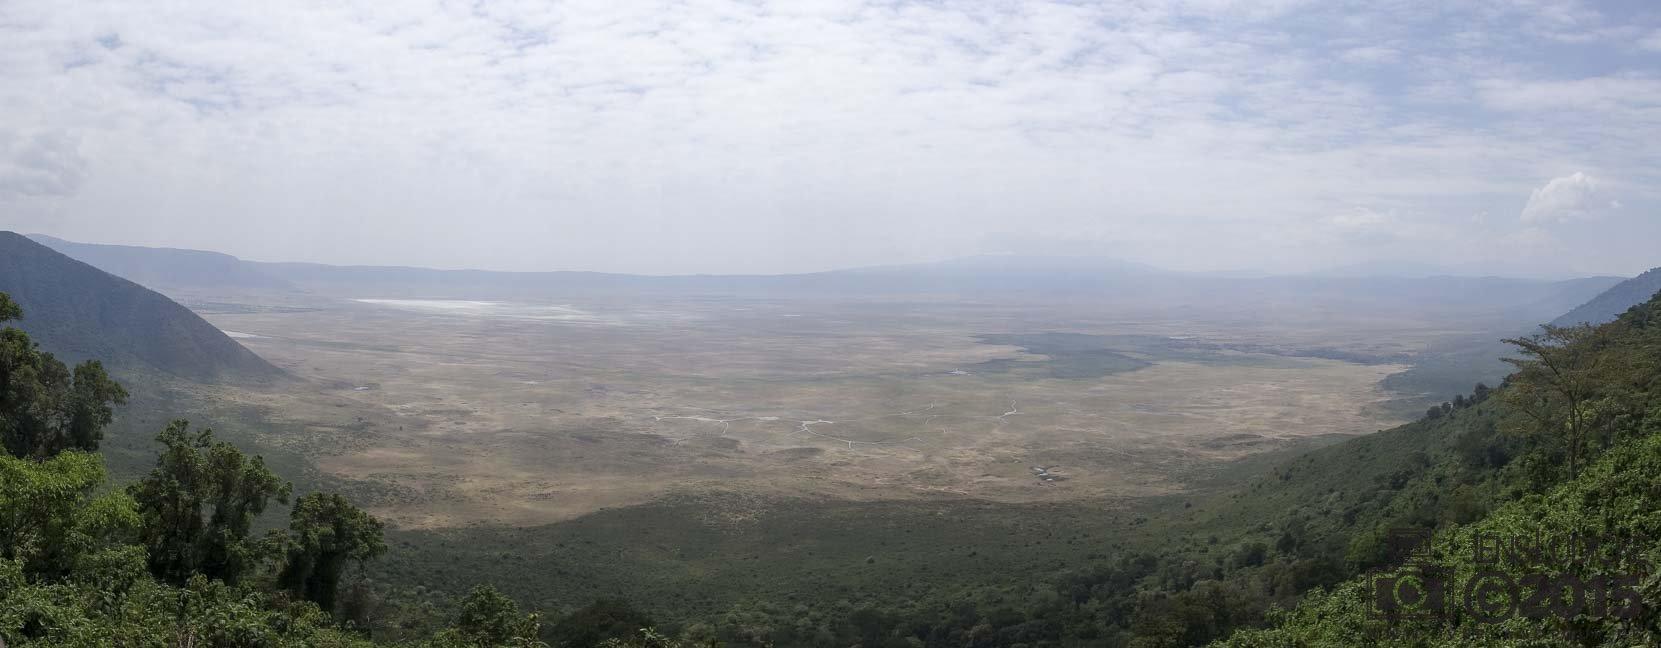 Der Blick in den Ngorongoro Crater